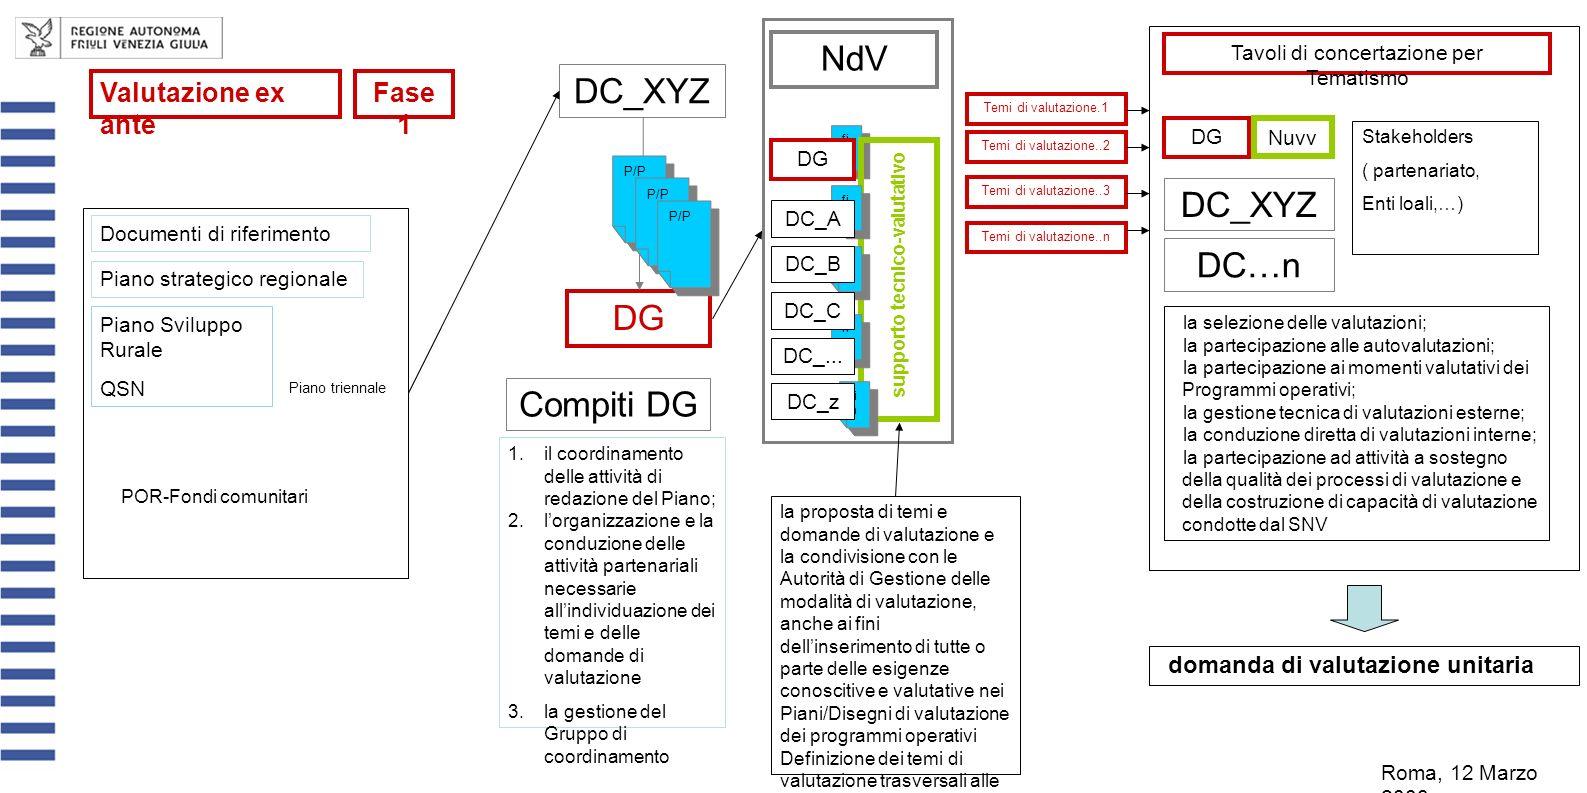 Compiti DG DC_XYZ DG fi n P/P NdV 1.il coordinamento delle attività di redazione del Piano; 2.lorganizzazione e la conduzione delle attività partenari